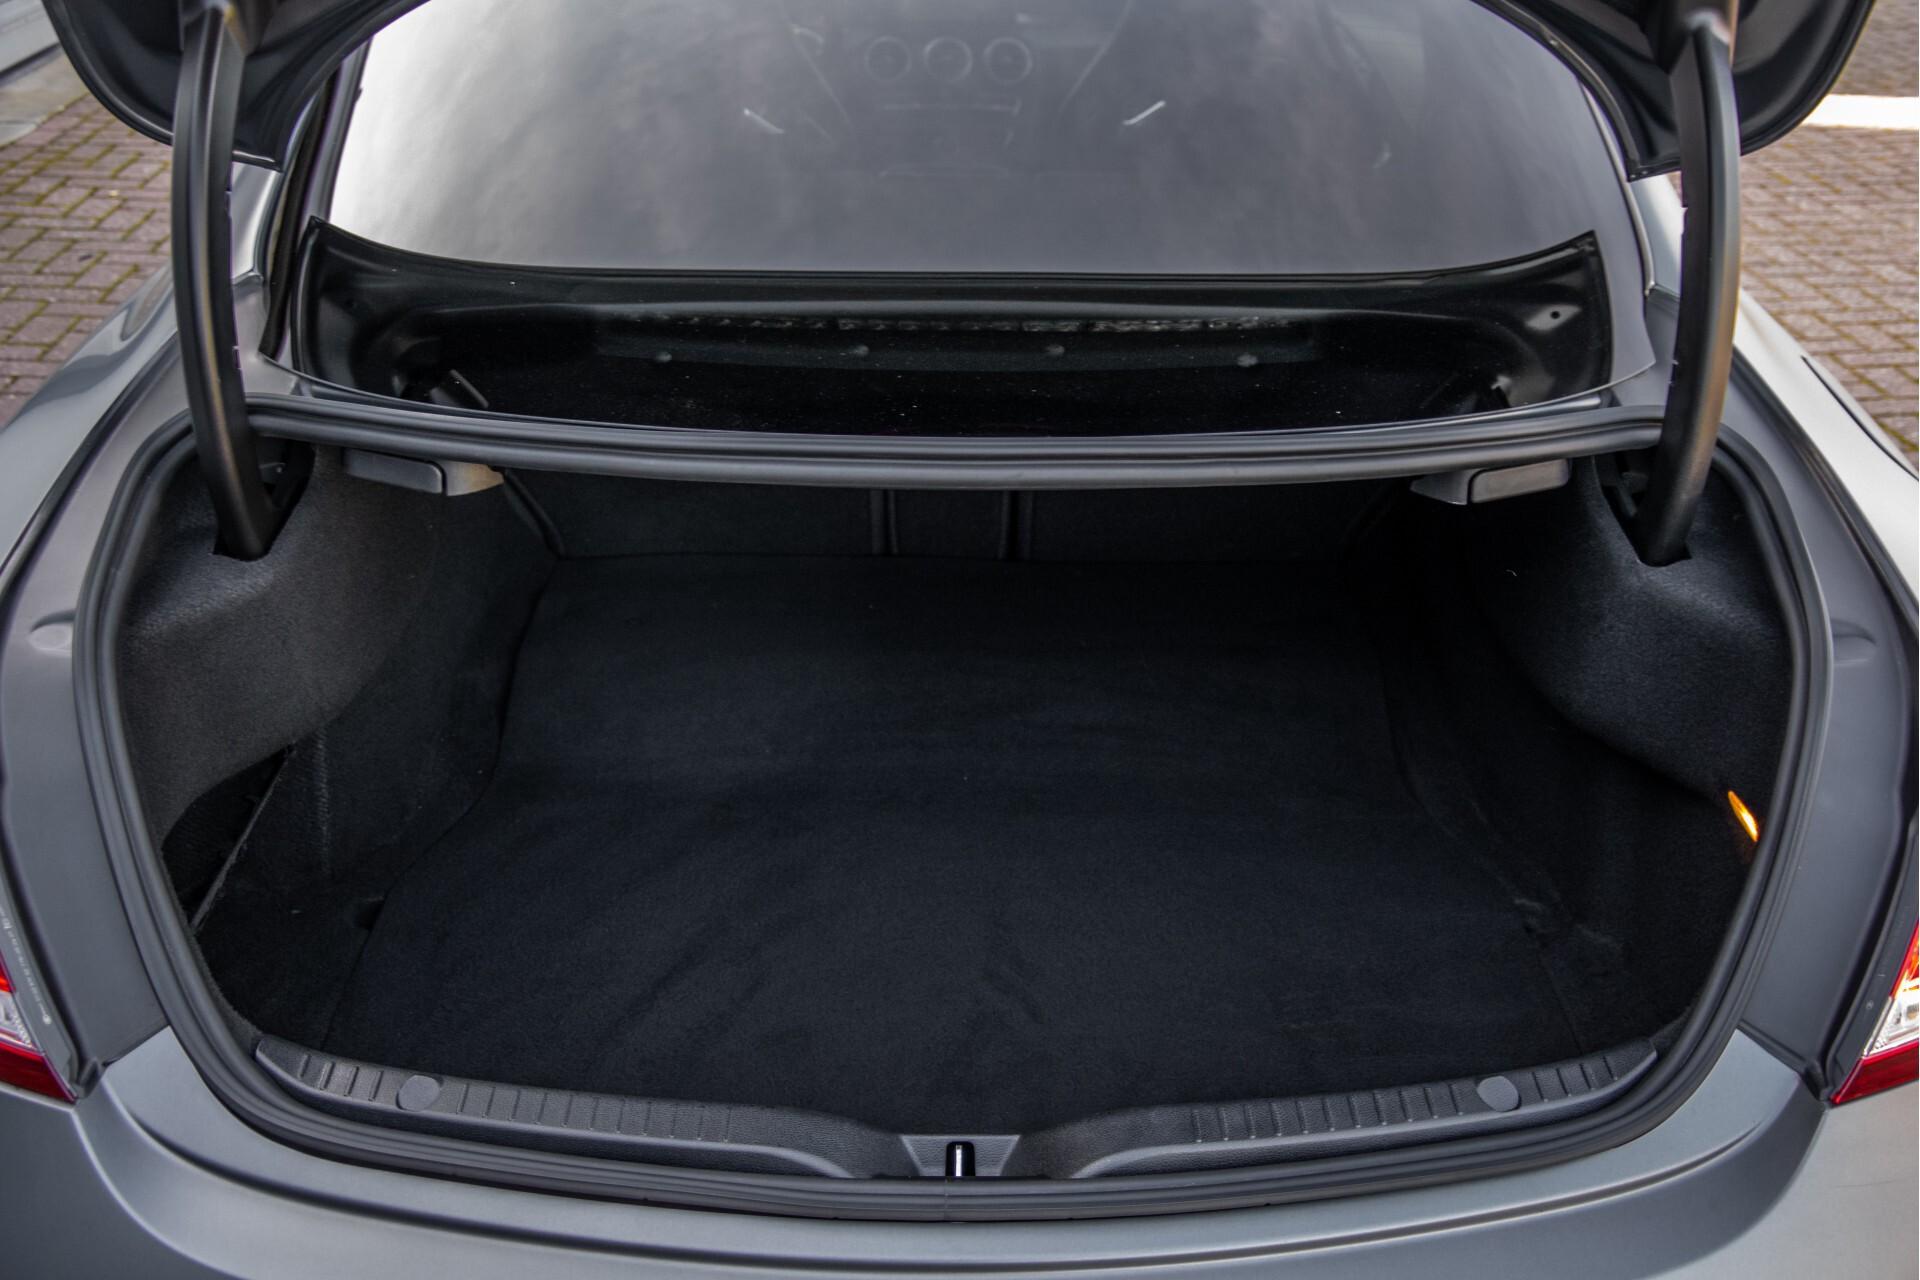 Mercedes-Benz C-Klasse Coupé 63 S AMG EDITION 1 Panorama Aut7 Foto 61